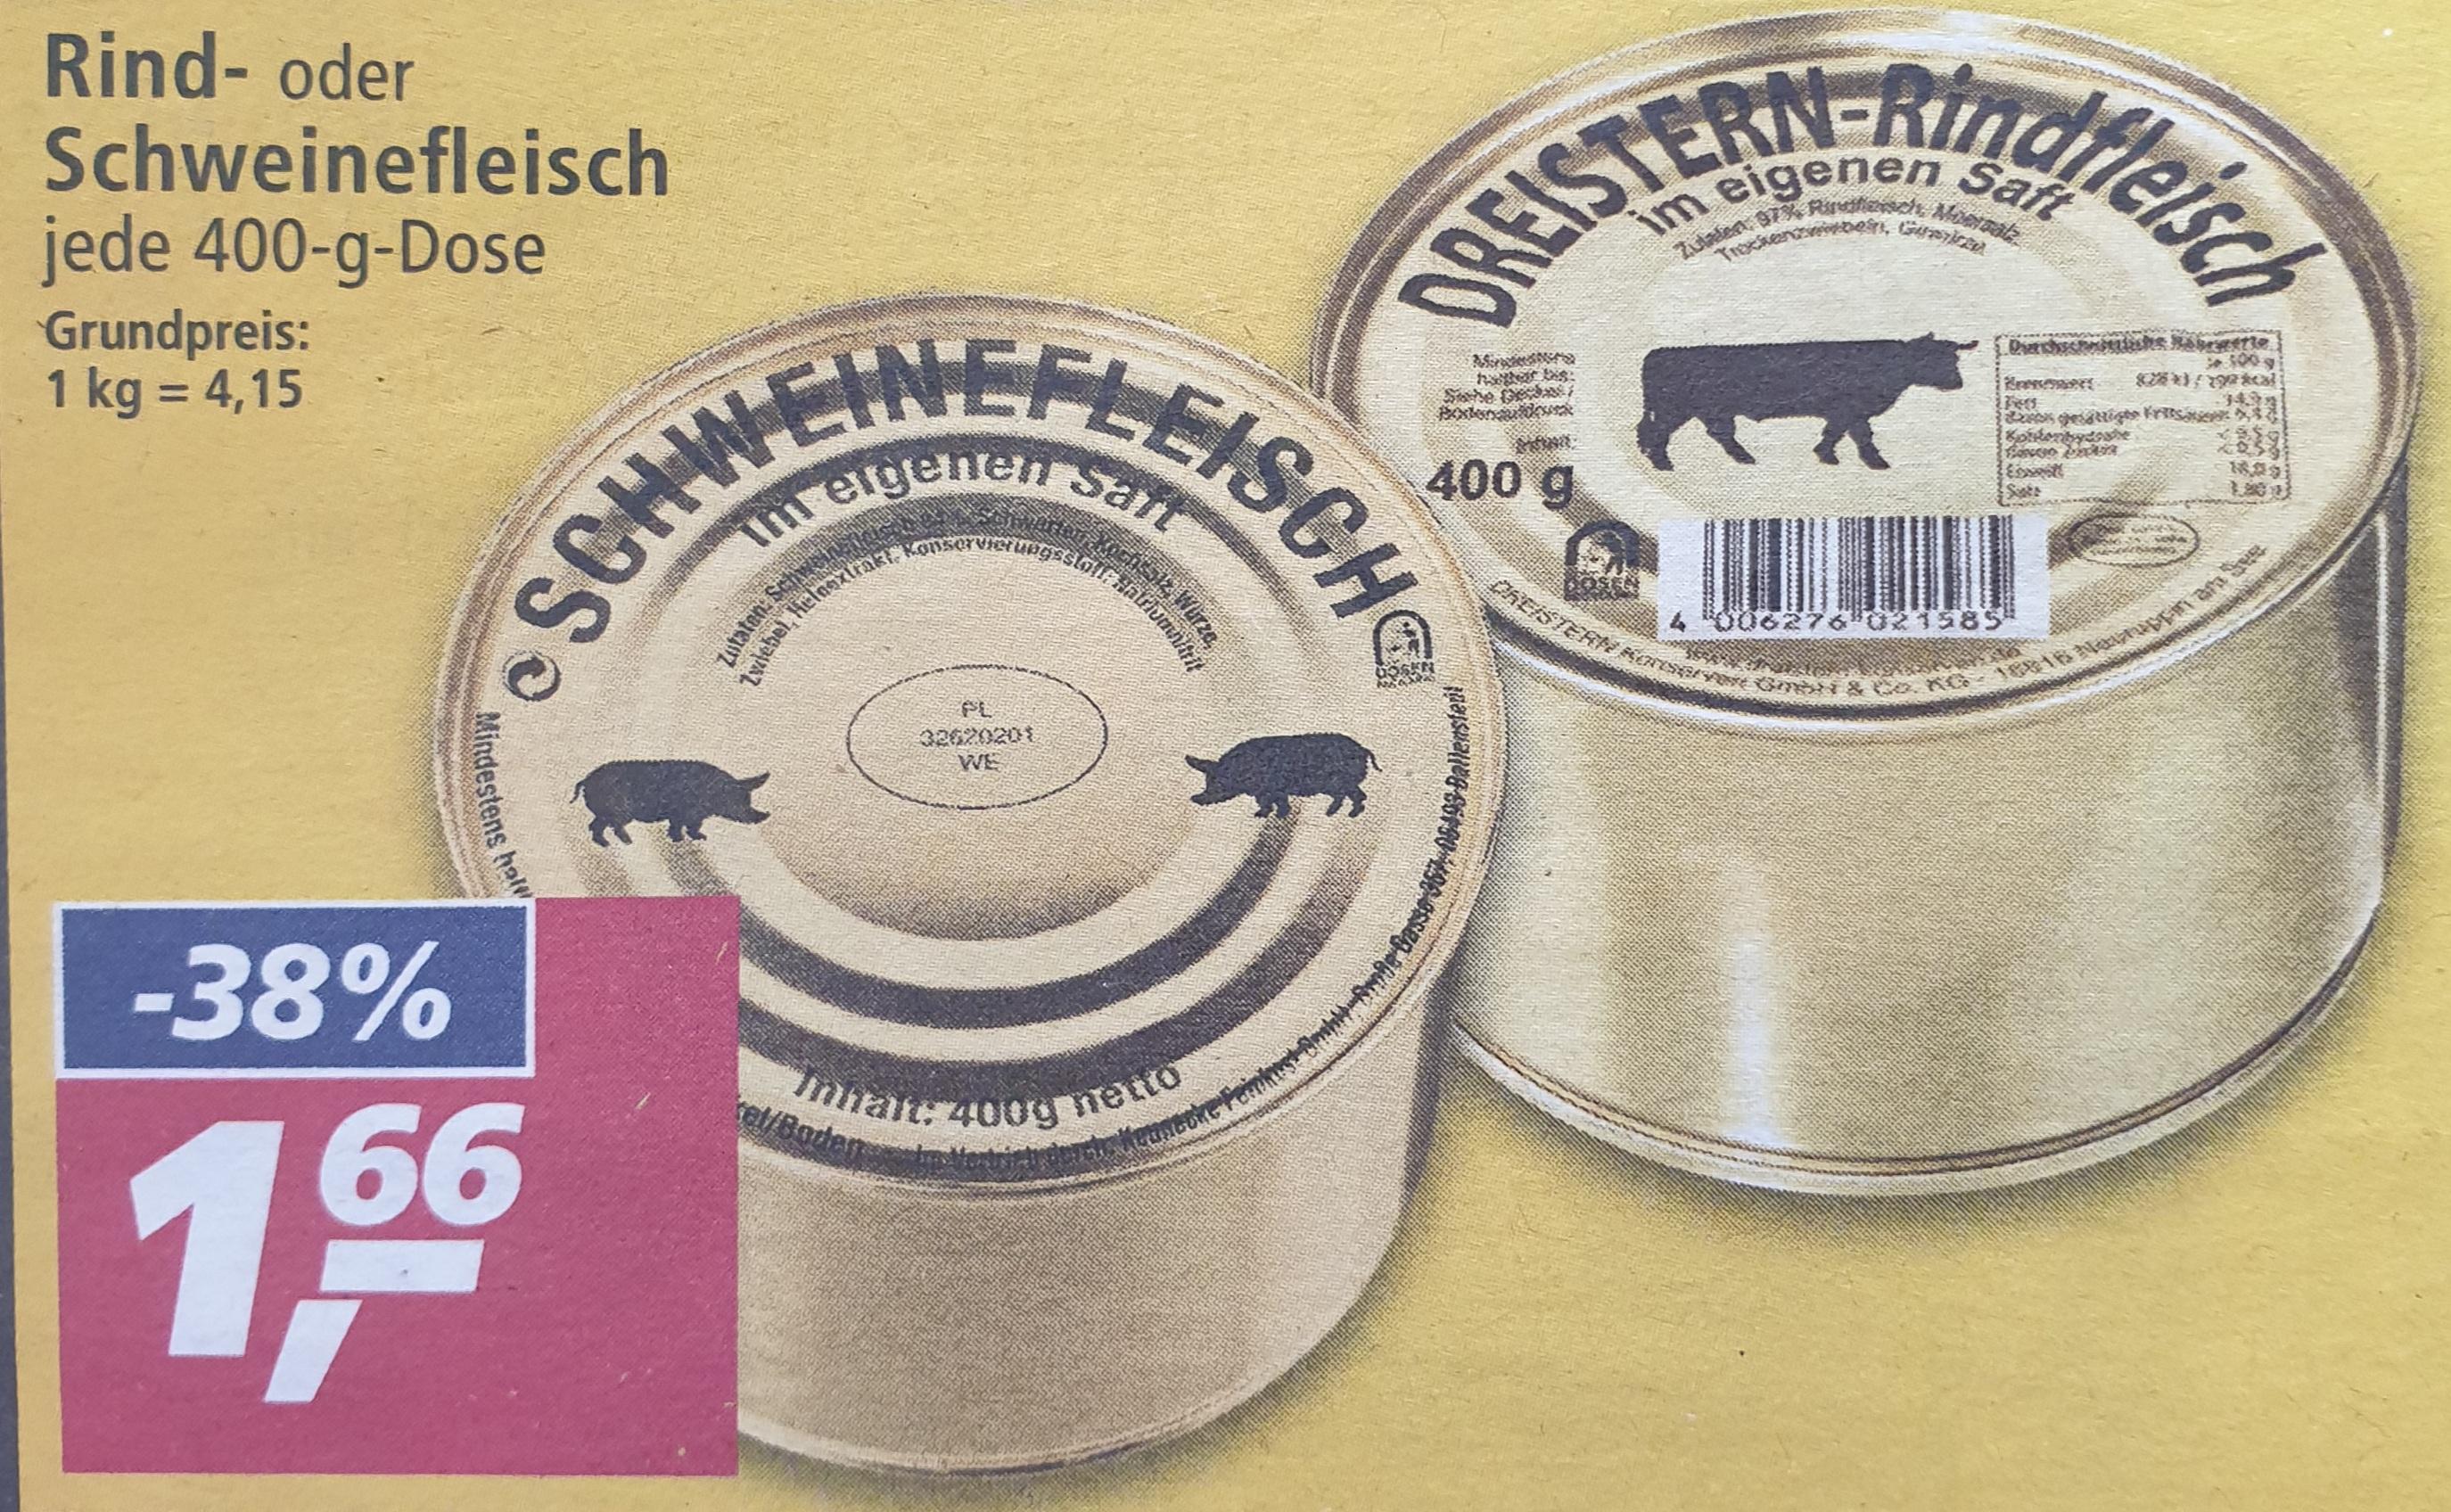 [ Real ] Rind -oder Schweinefleisch der Marke Dreistern je 400g 1,66€